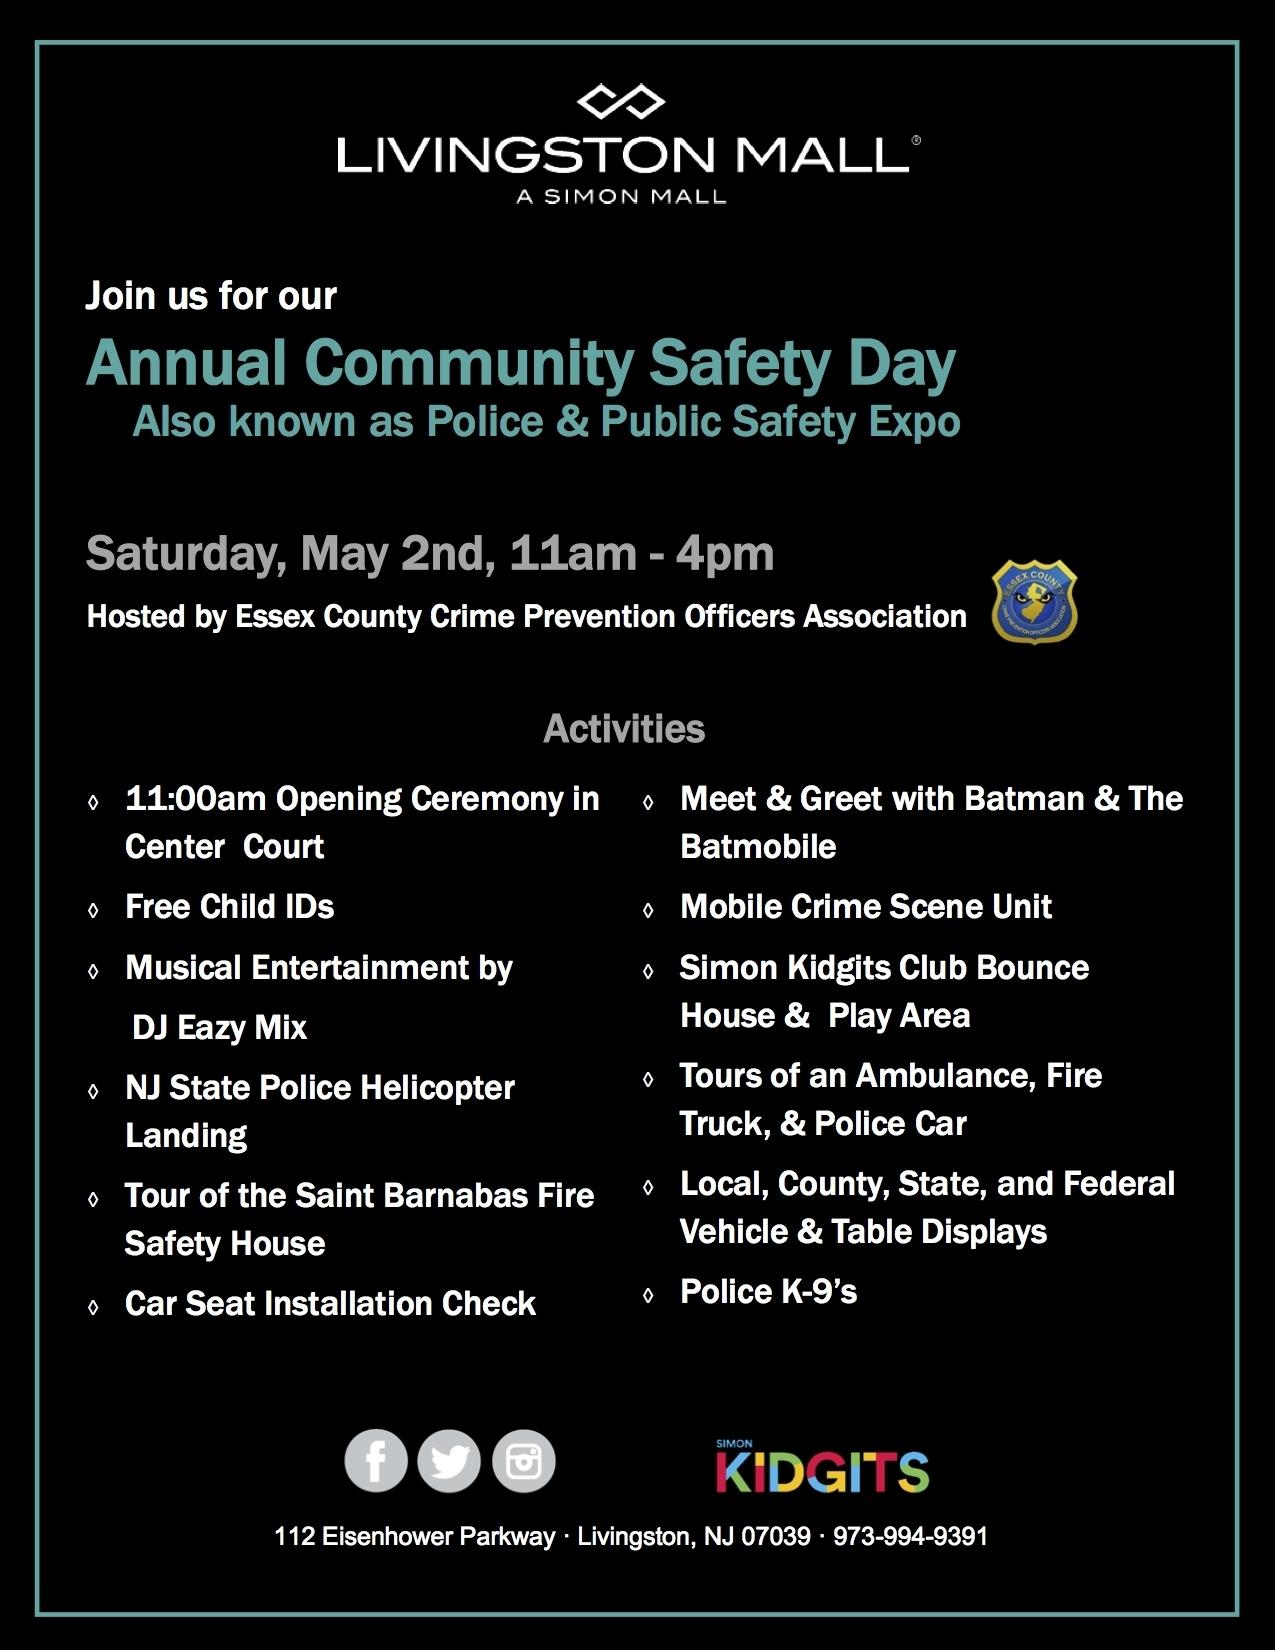 b09db6ef67f1a5e556ea_Community_Safety_Day.JPG